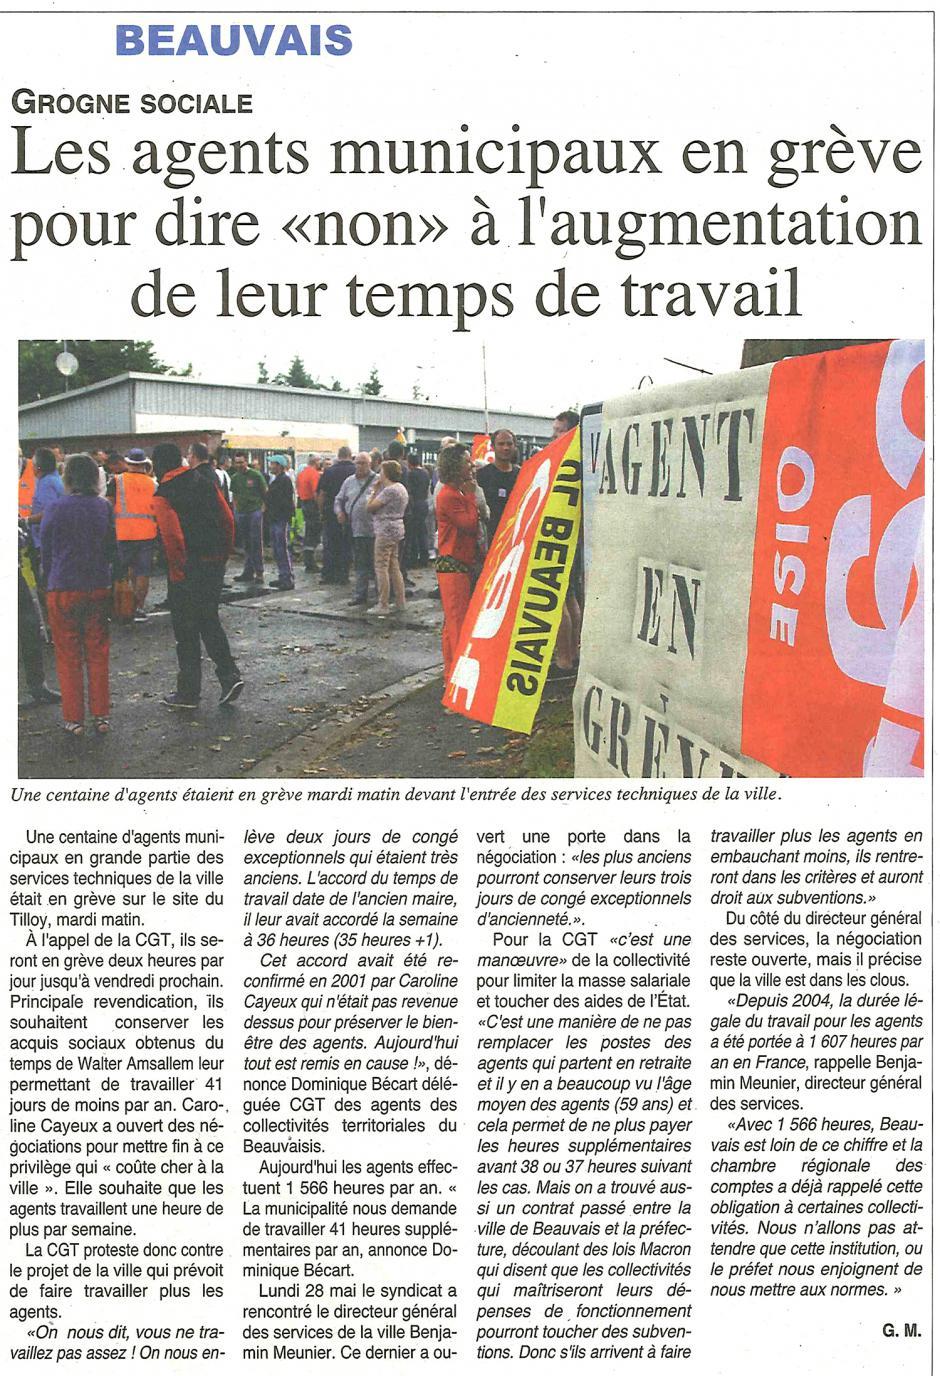 20180530-OH-Beauvais-Les agents municipaux en grève pour dire « non » à l'augmentation de leur temps de travail